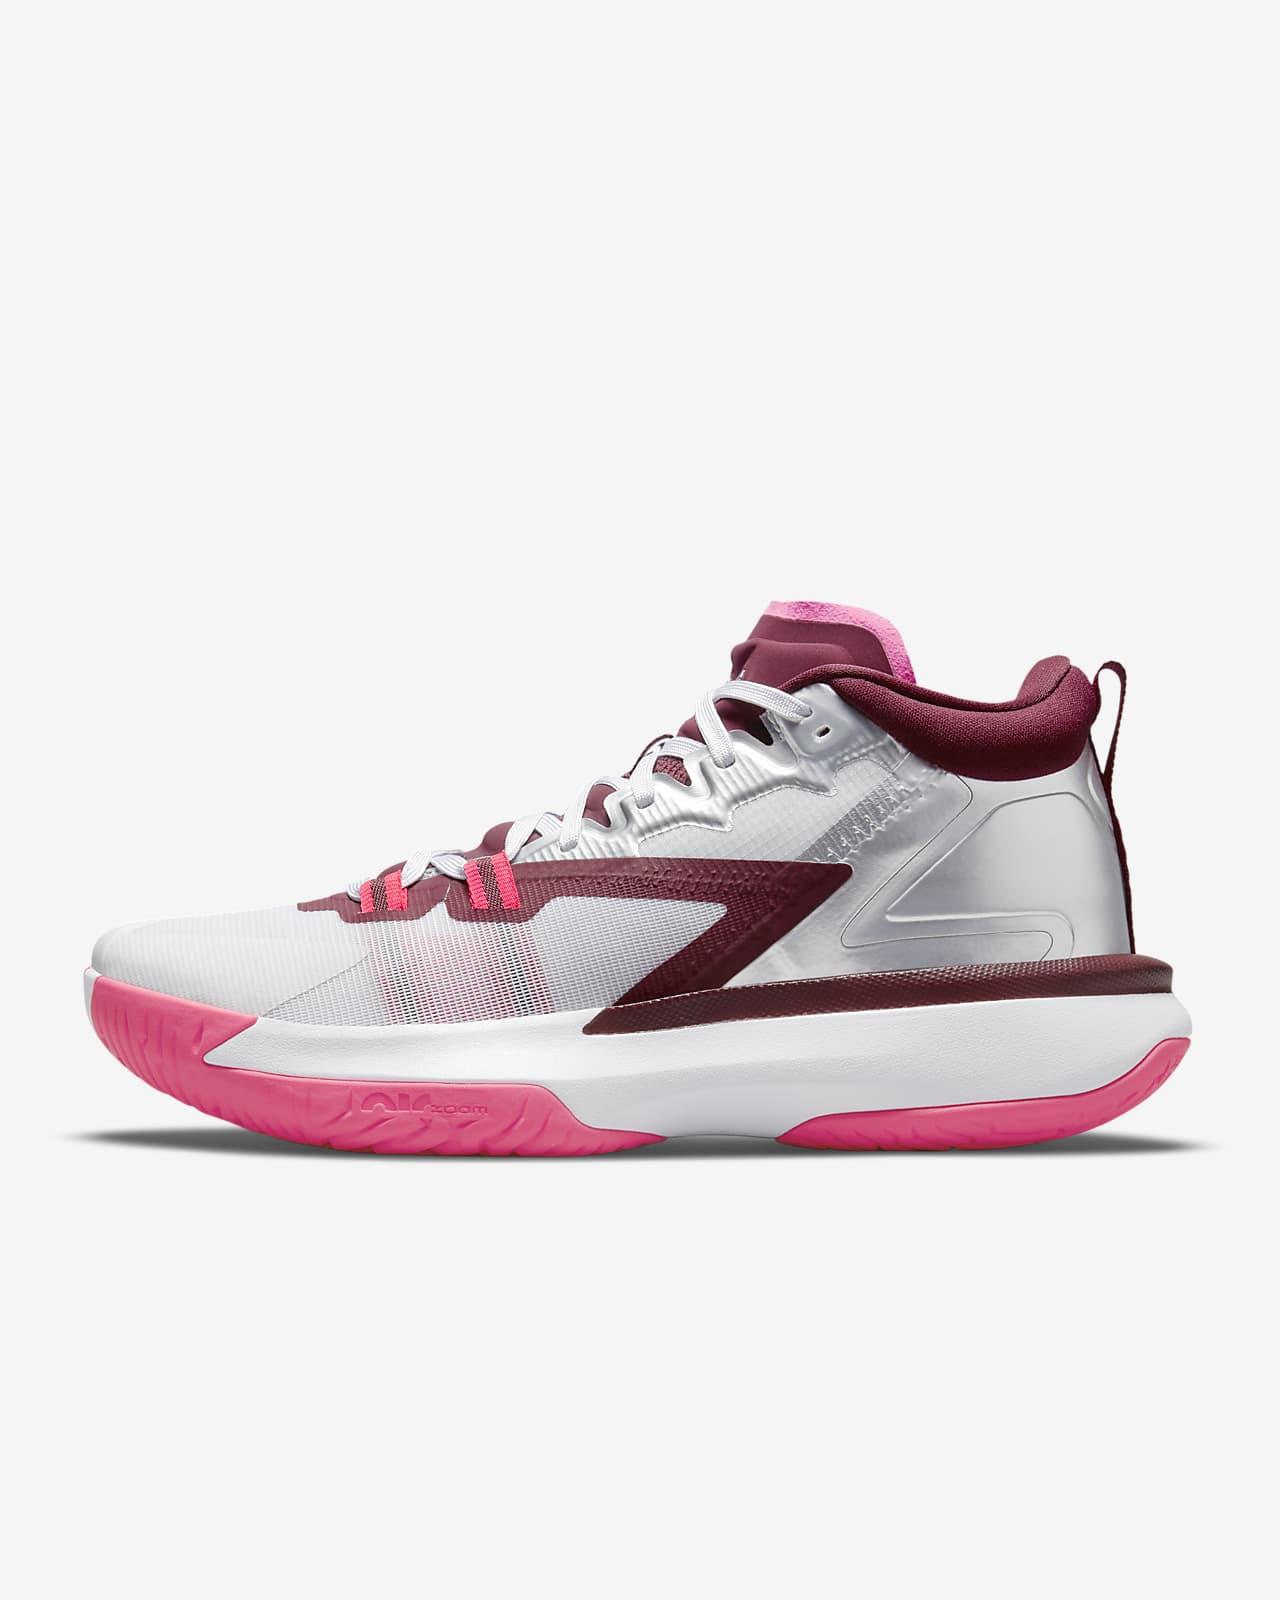 Παπούτσι μπάσκετ Zion 1